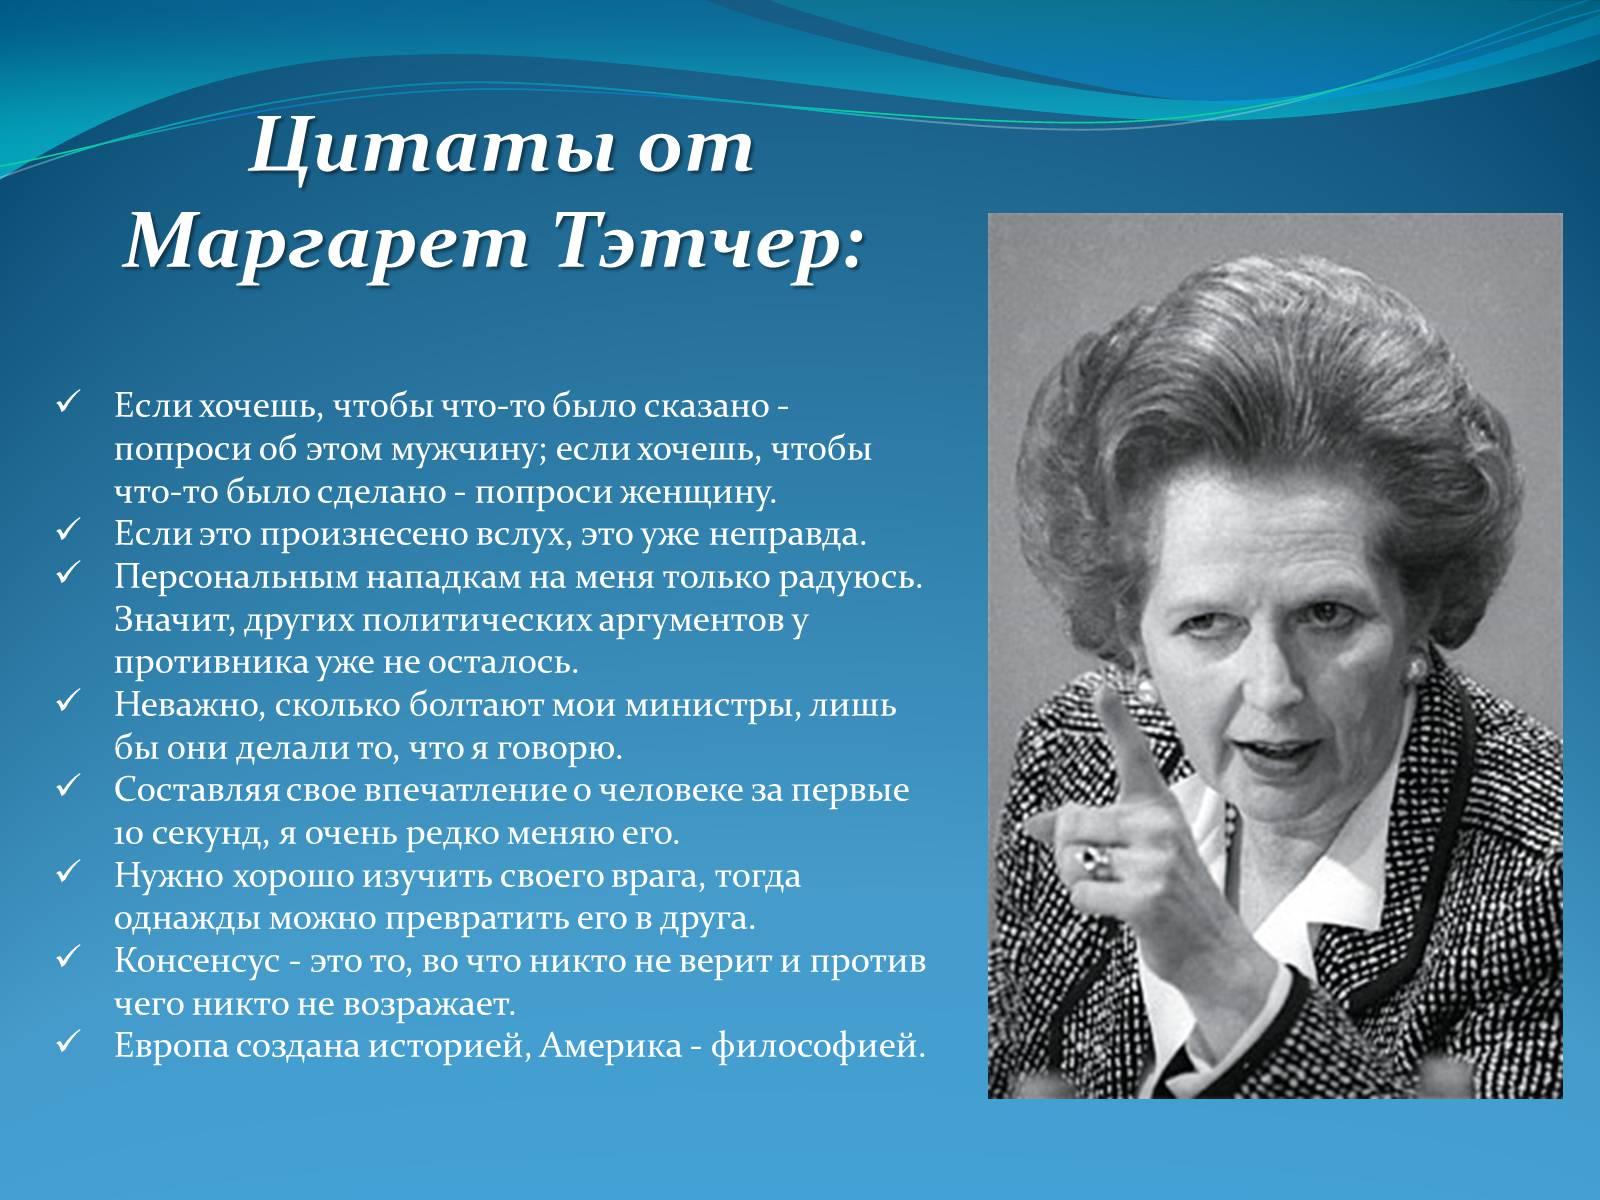 Маргарет тэтчер о россии цитаты